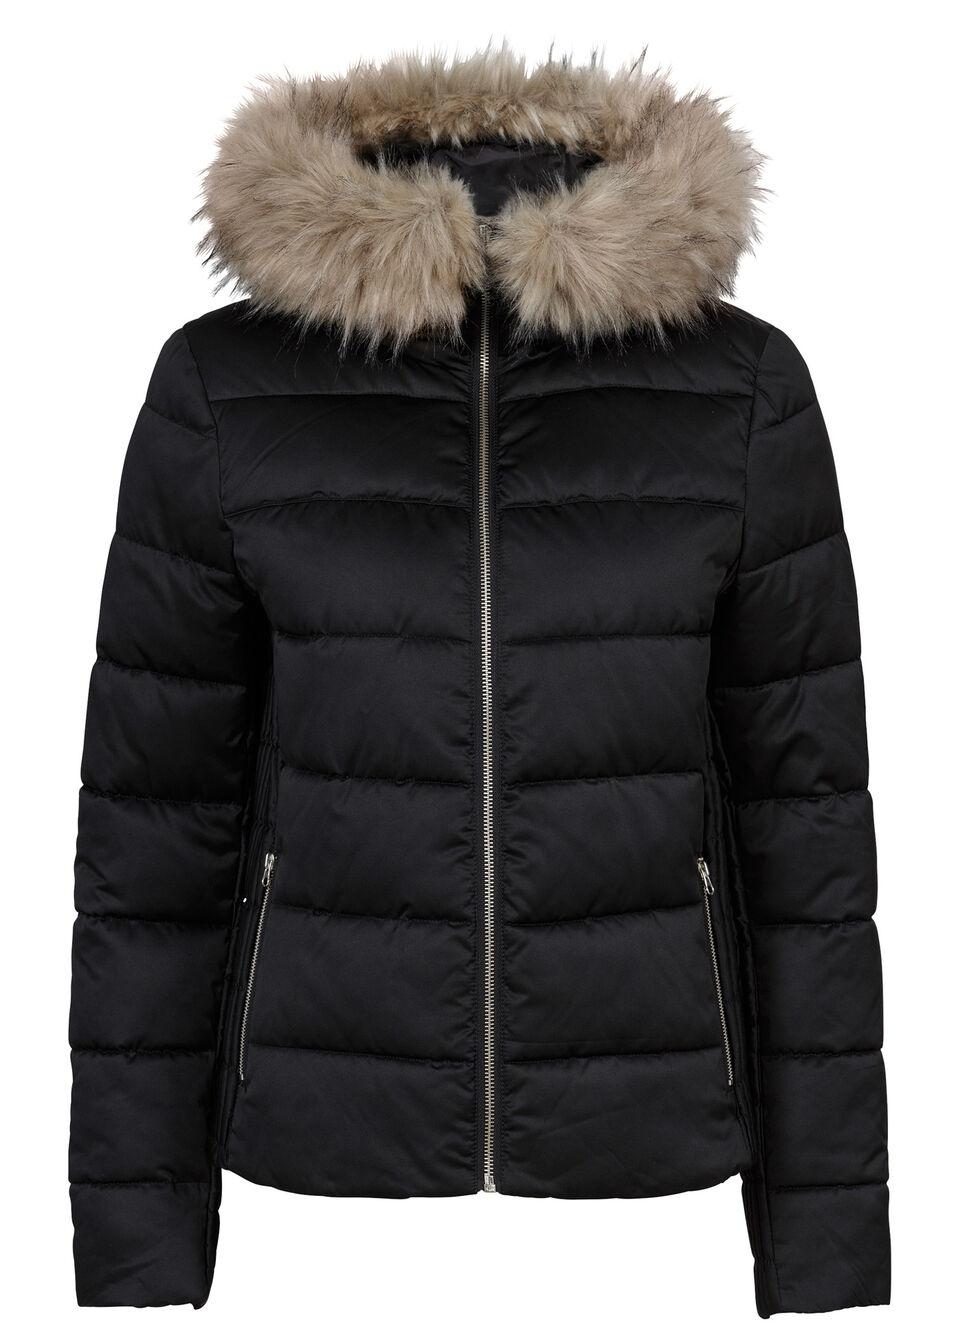 Jachetă matlasată cu glugă bonprix